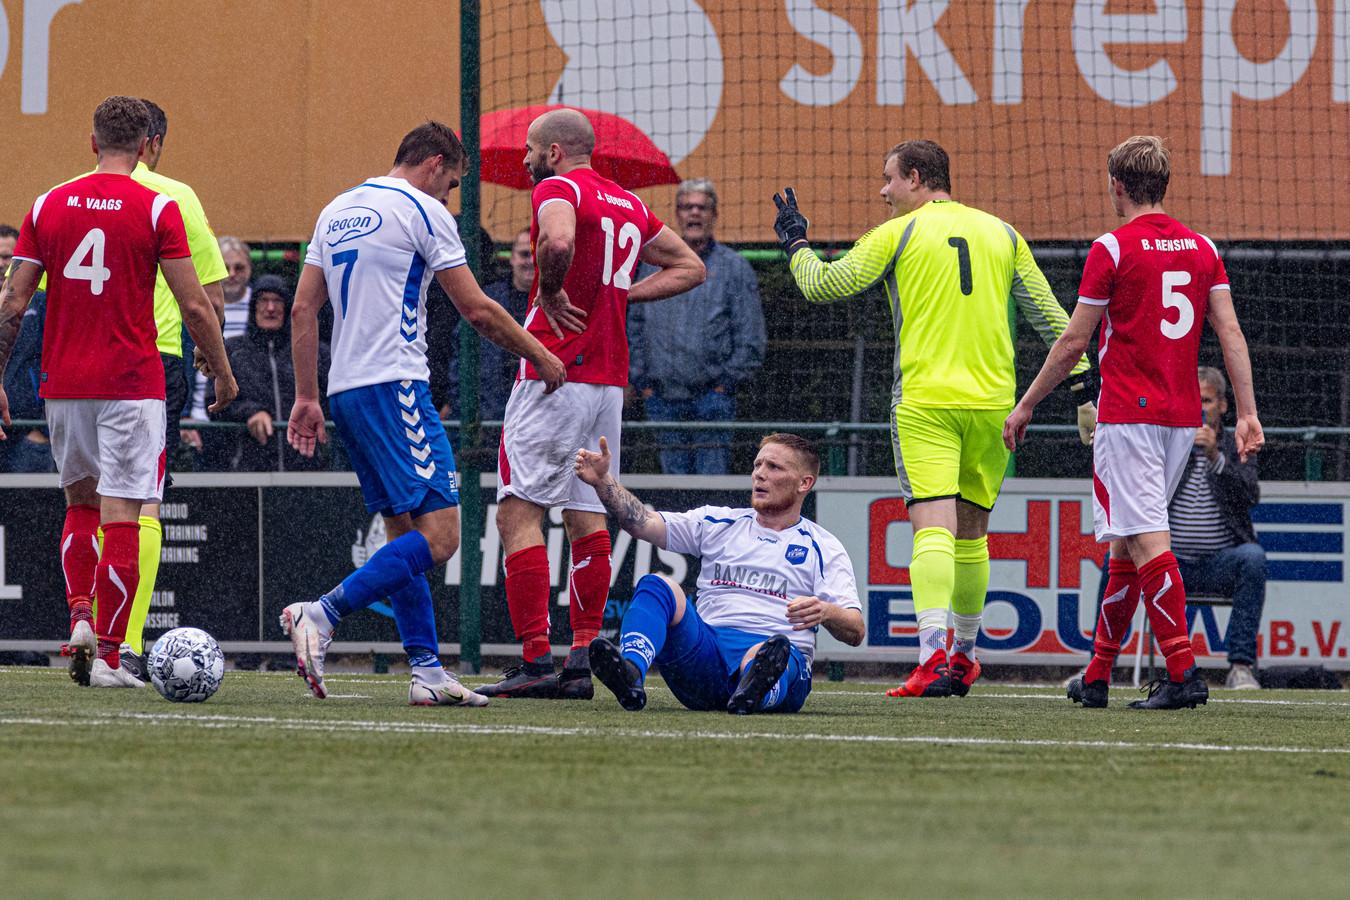 AZSV verloor op Urk met 2-0. Foto Freddy Schinkel